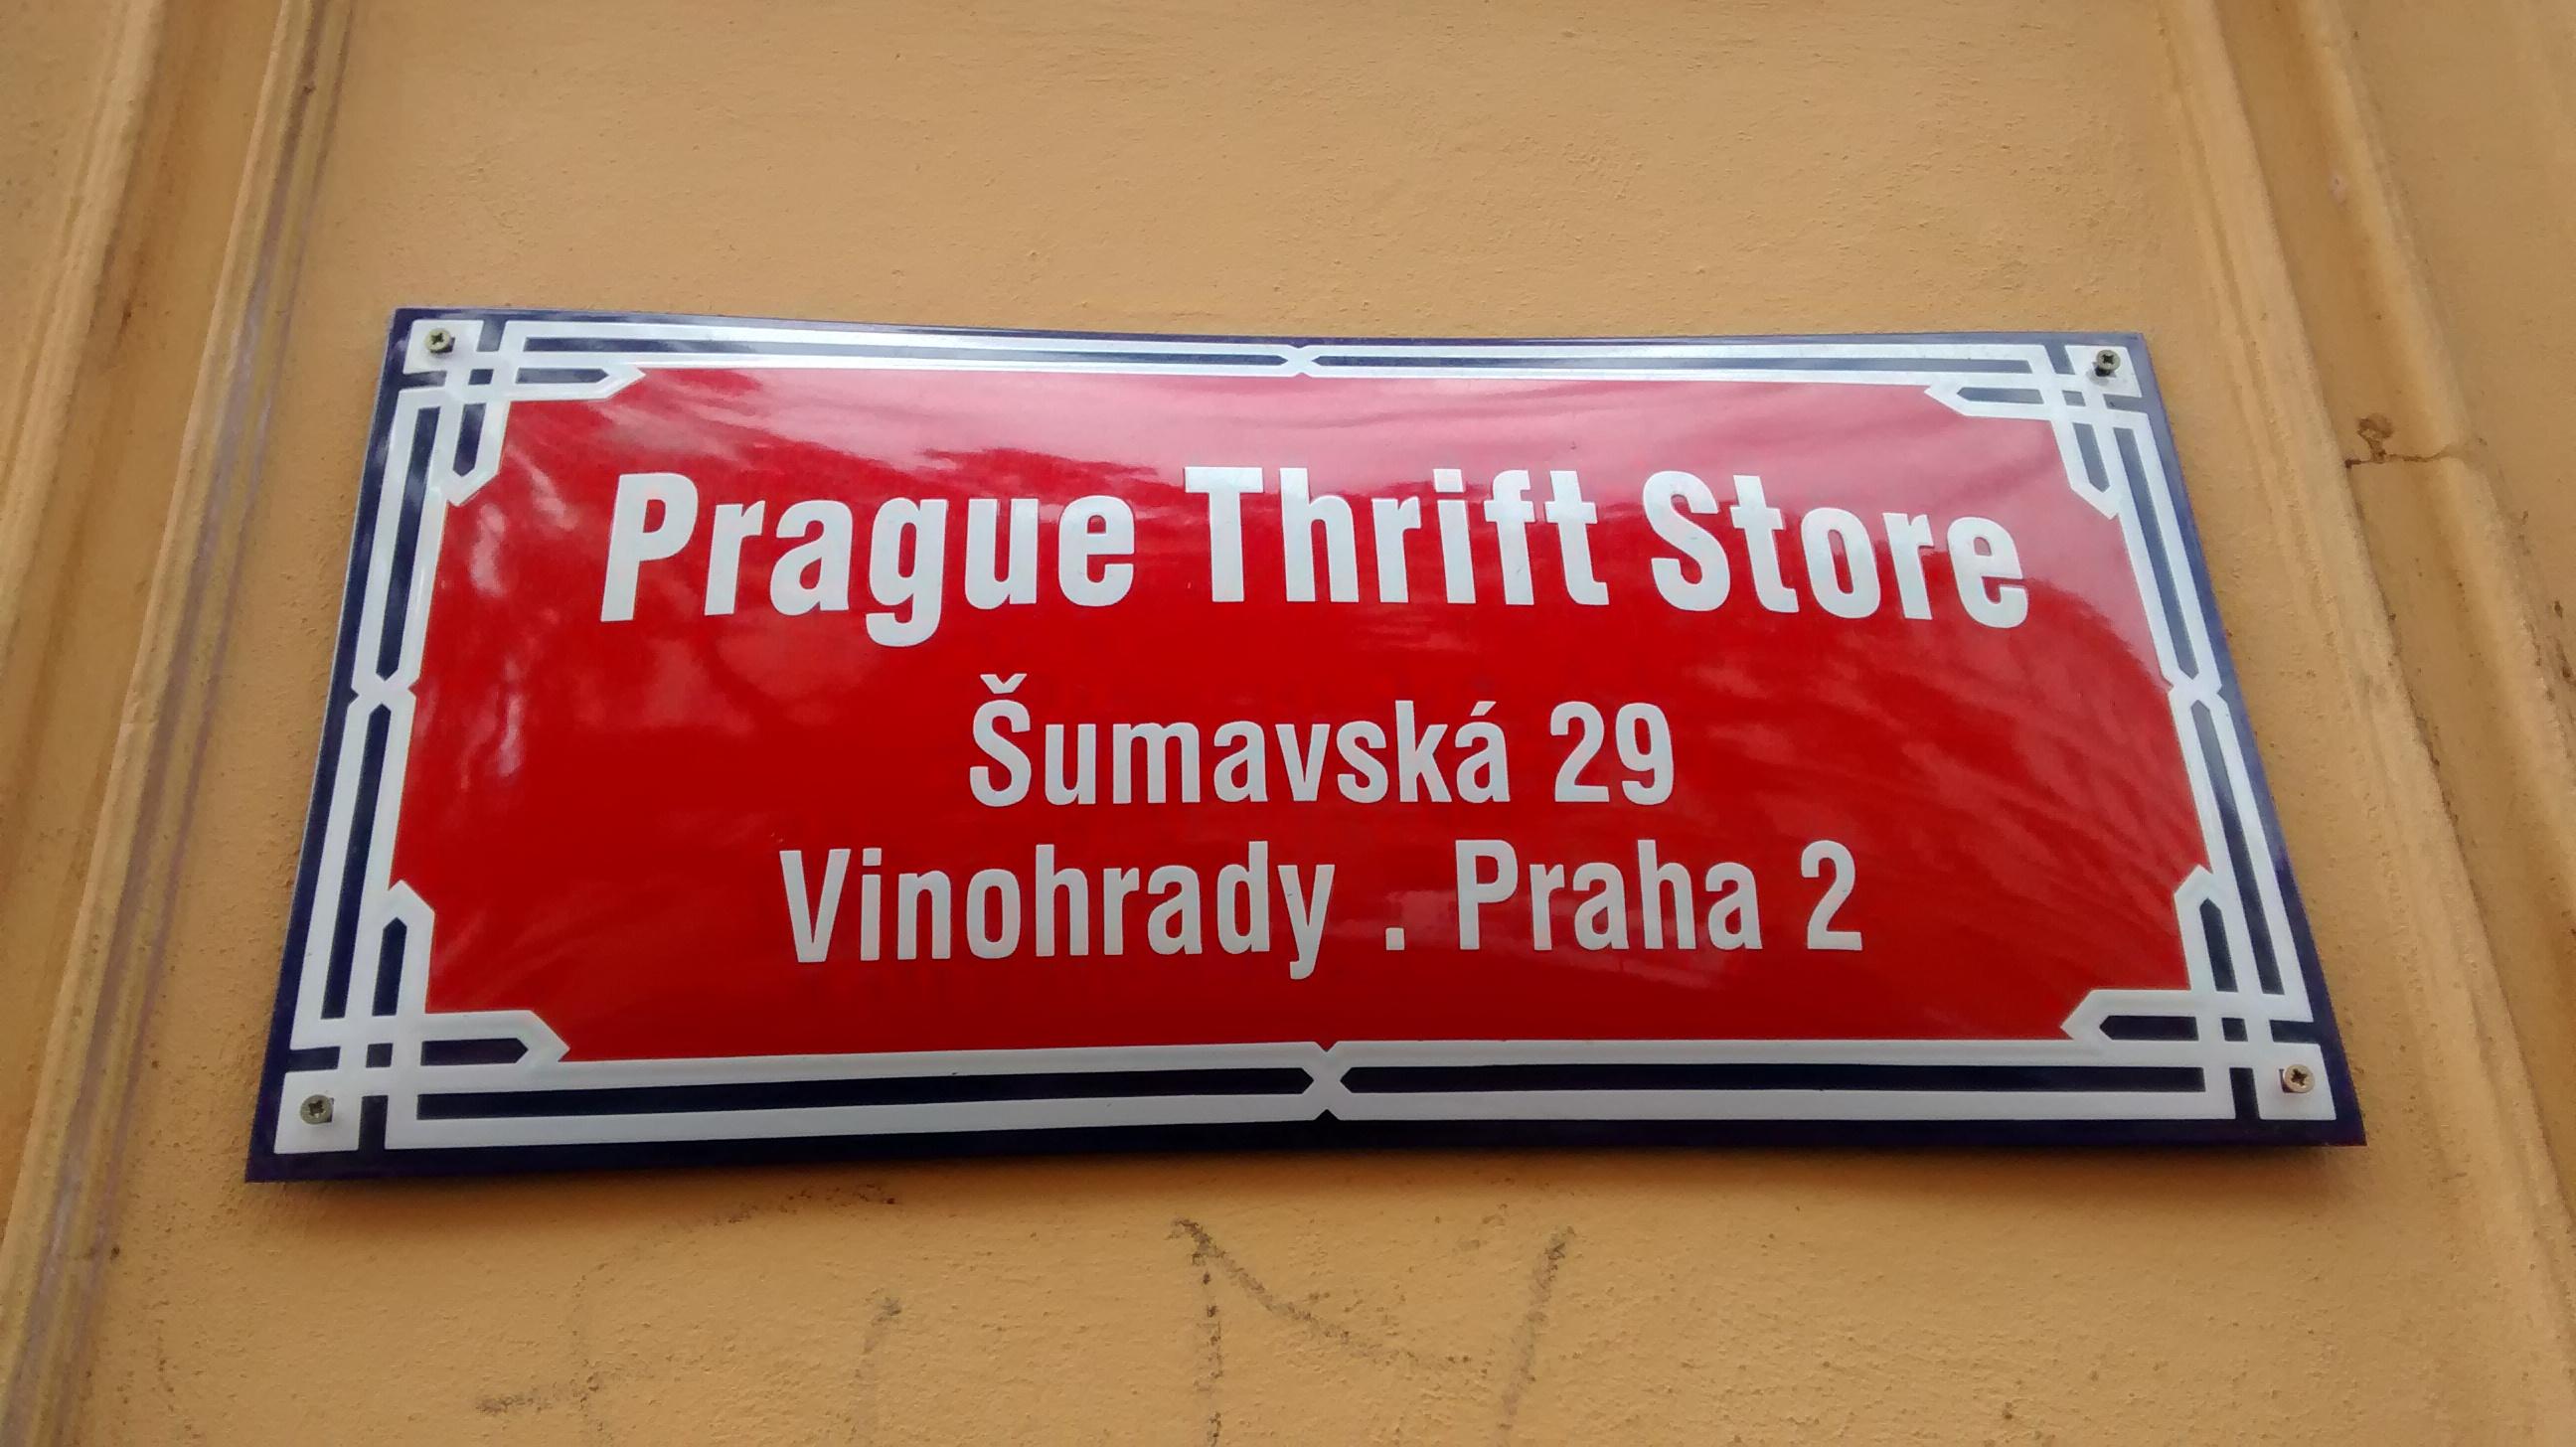 PrahaShopName